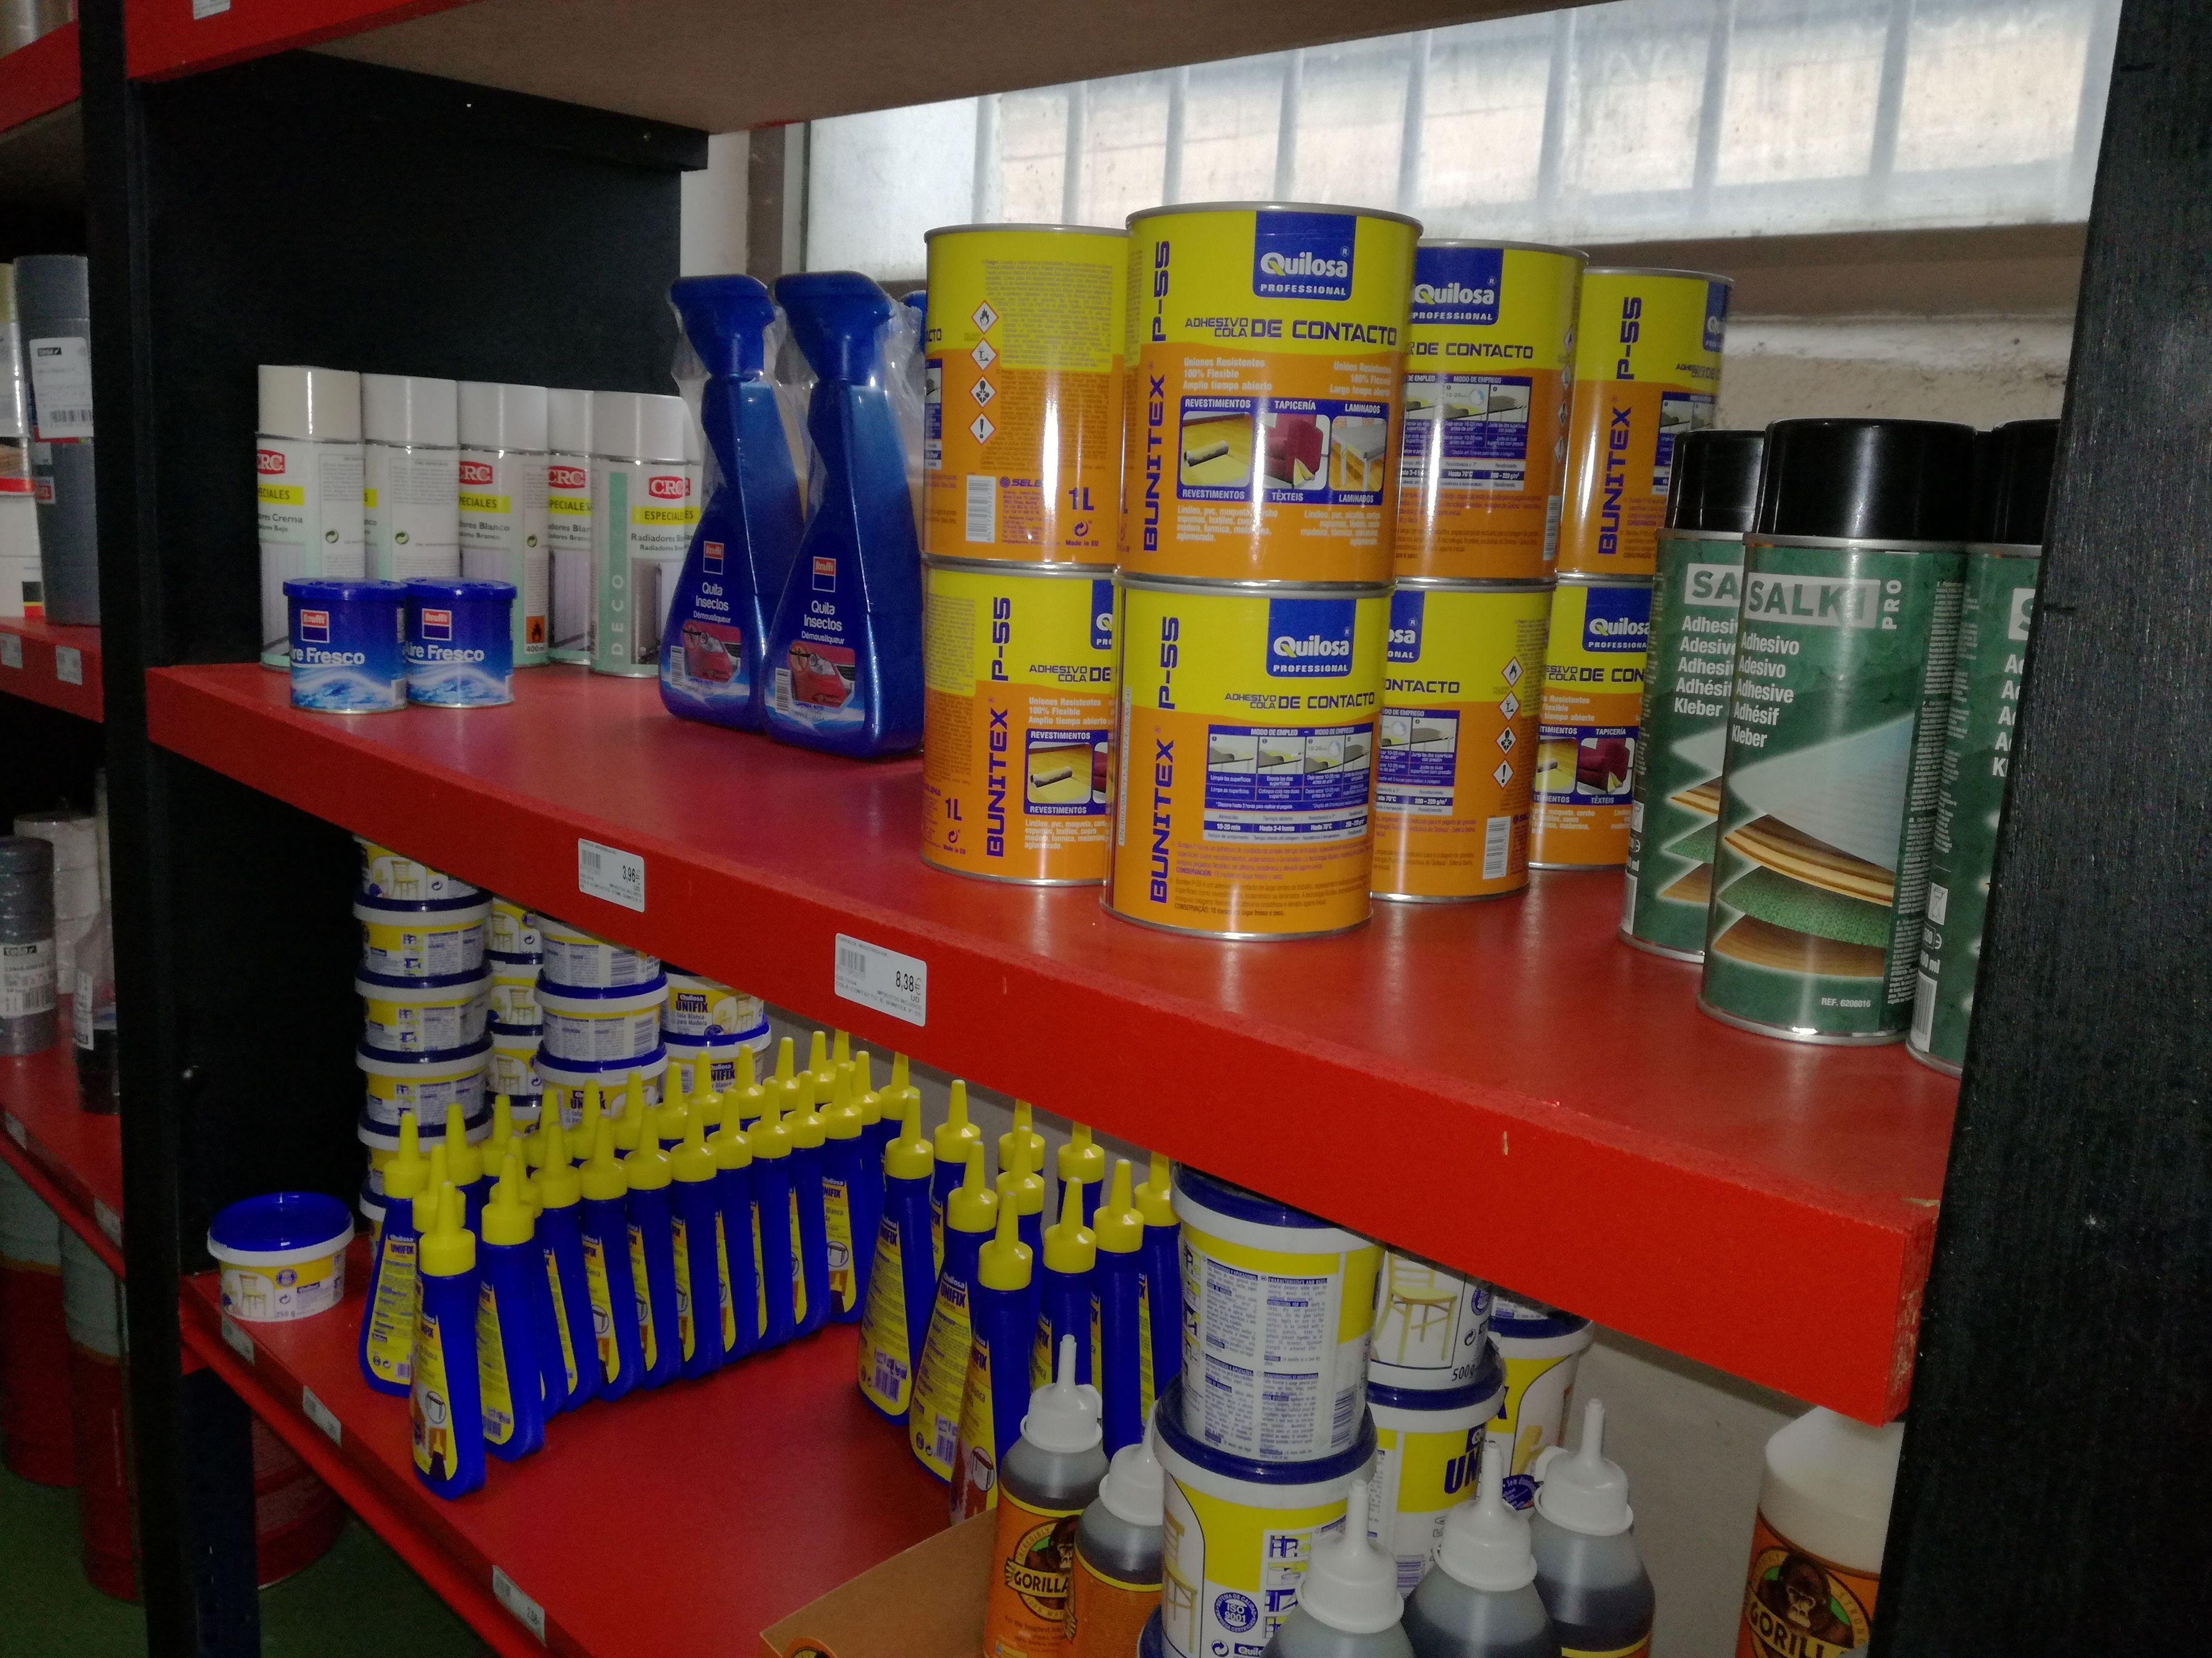 Adhesivos y productos químicos: Productos de Iturralde Industrigaiak, S.L.